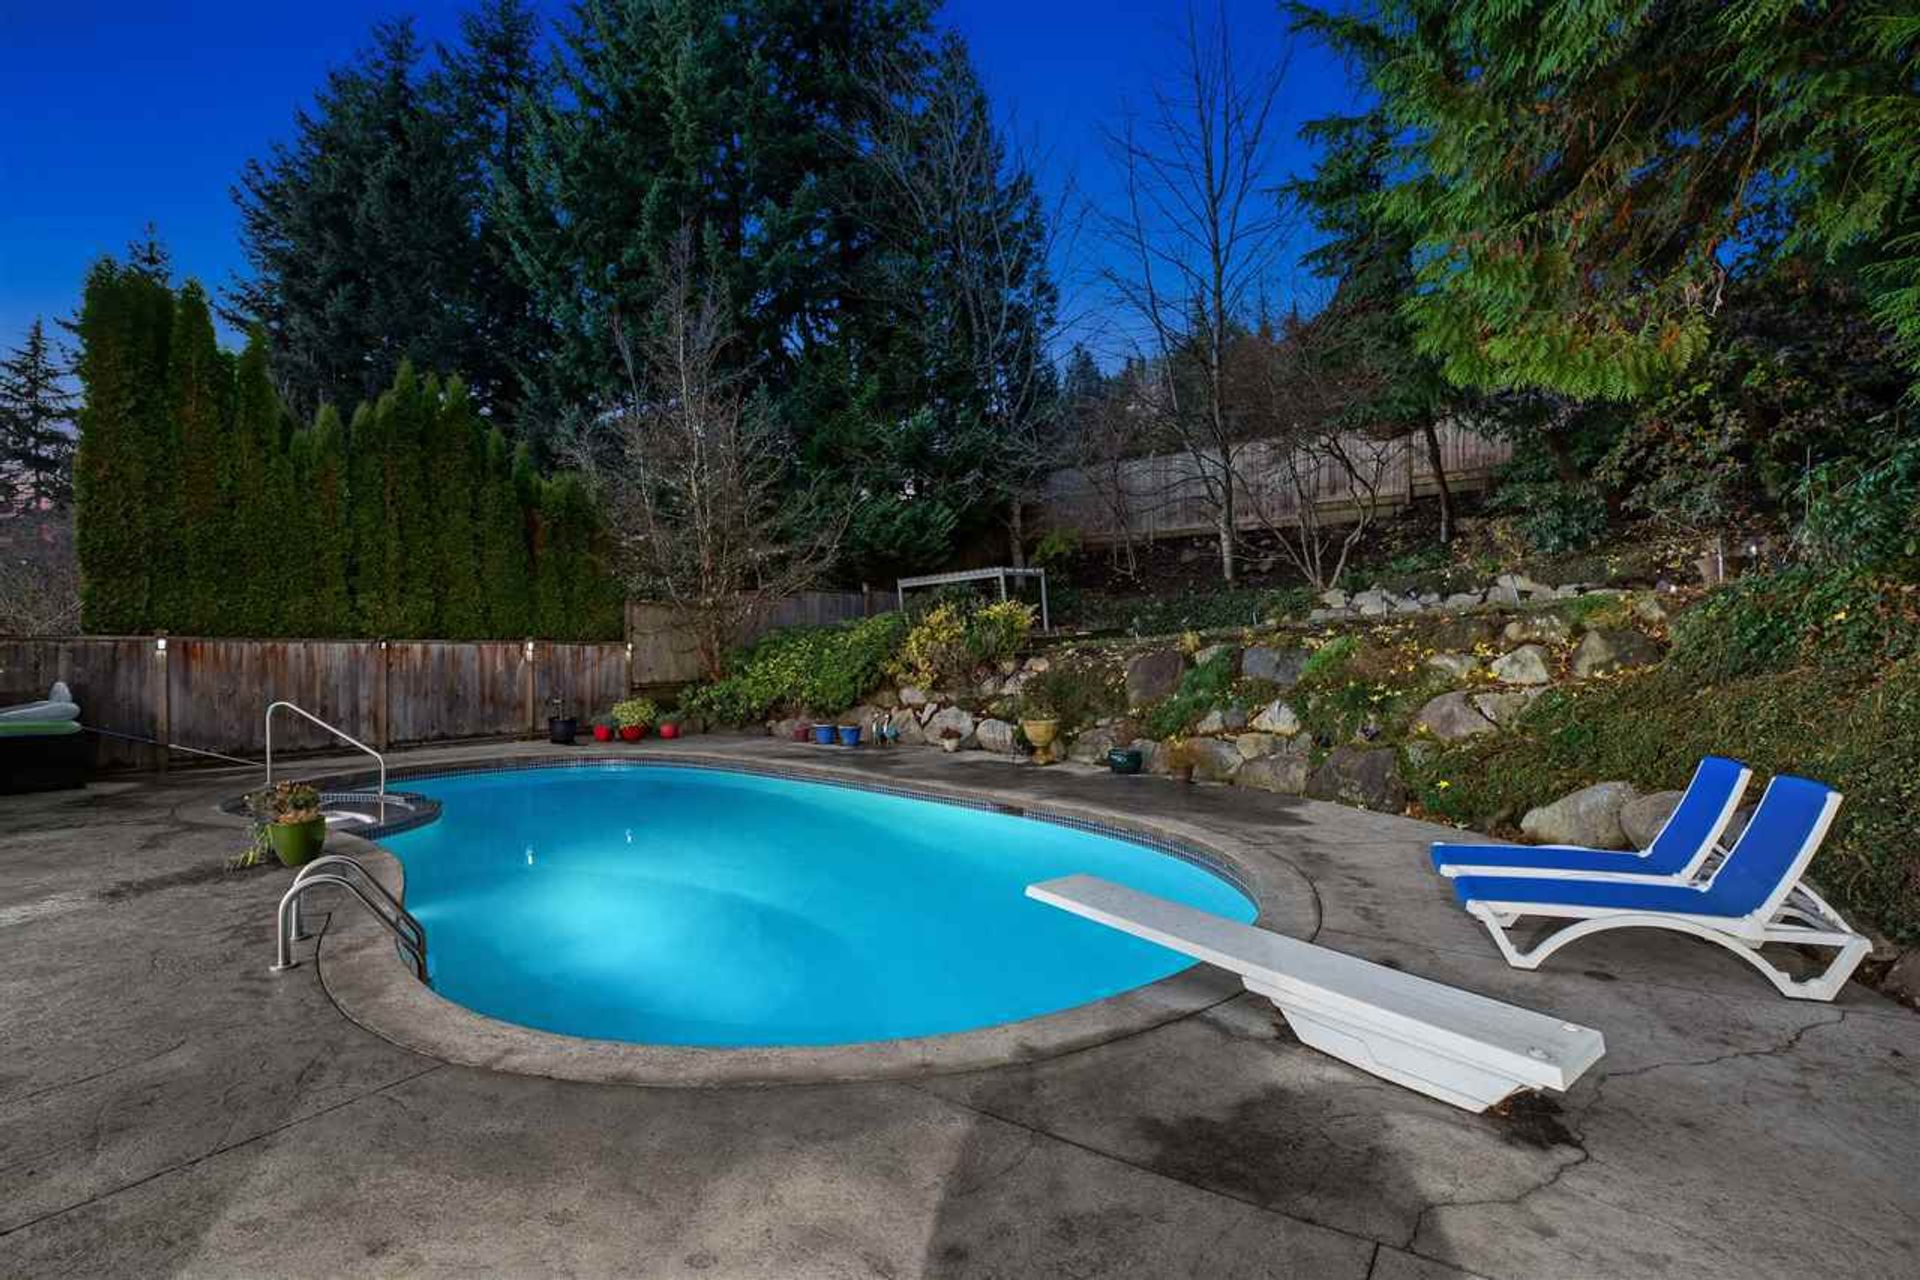 4725-the-glen-cypress-park-estates-west-vancouver-35 at 4725 The Glen, Cypress Park Estates, West Vancouver